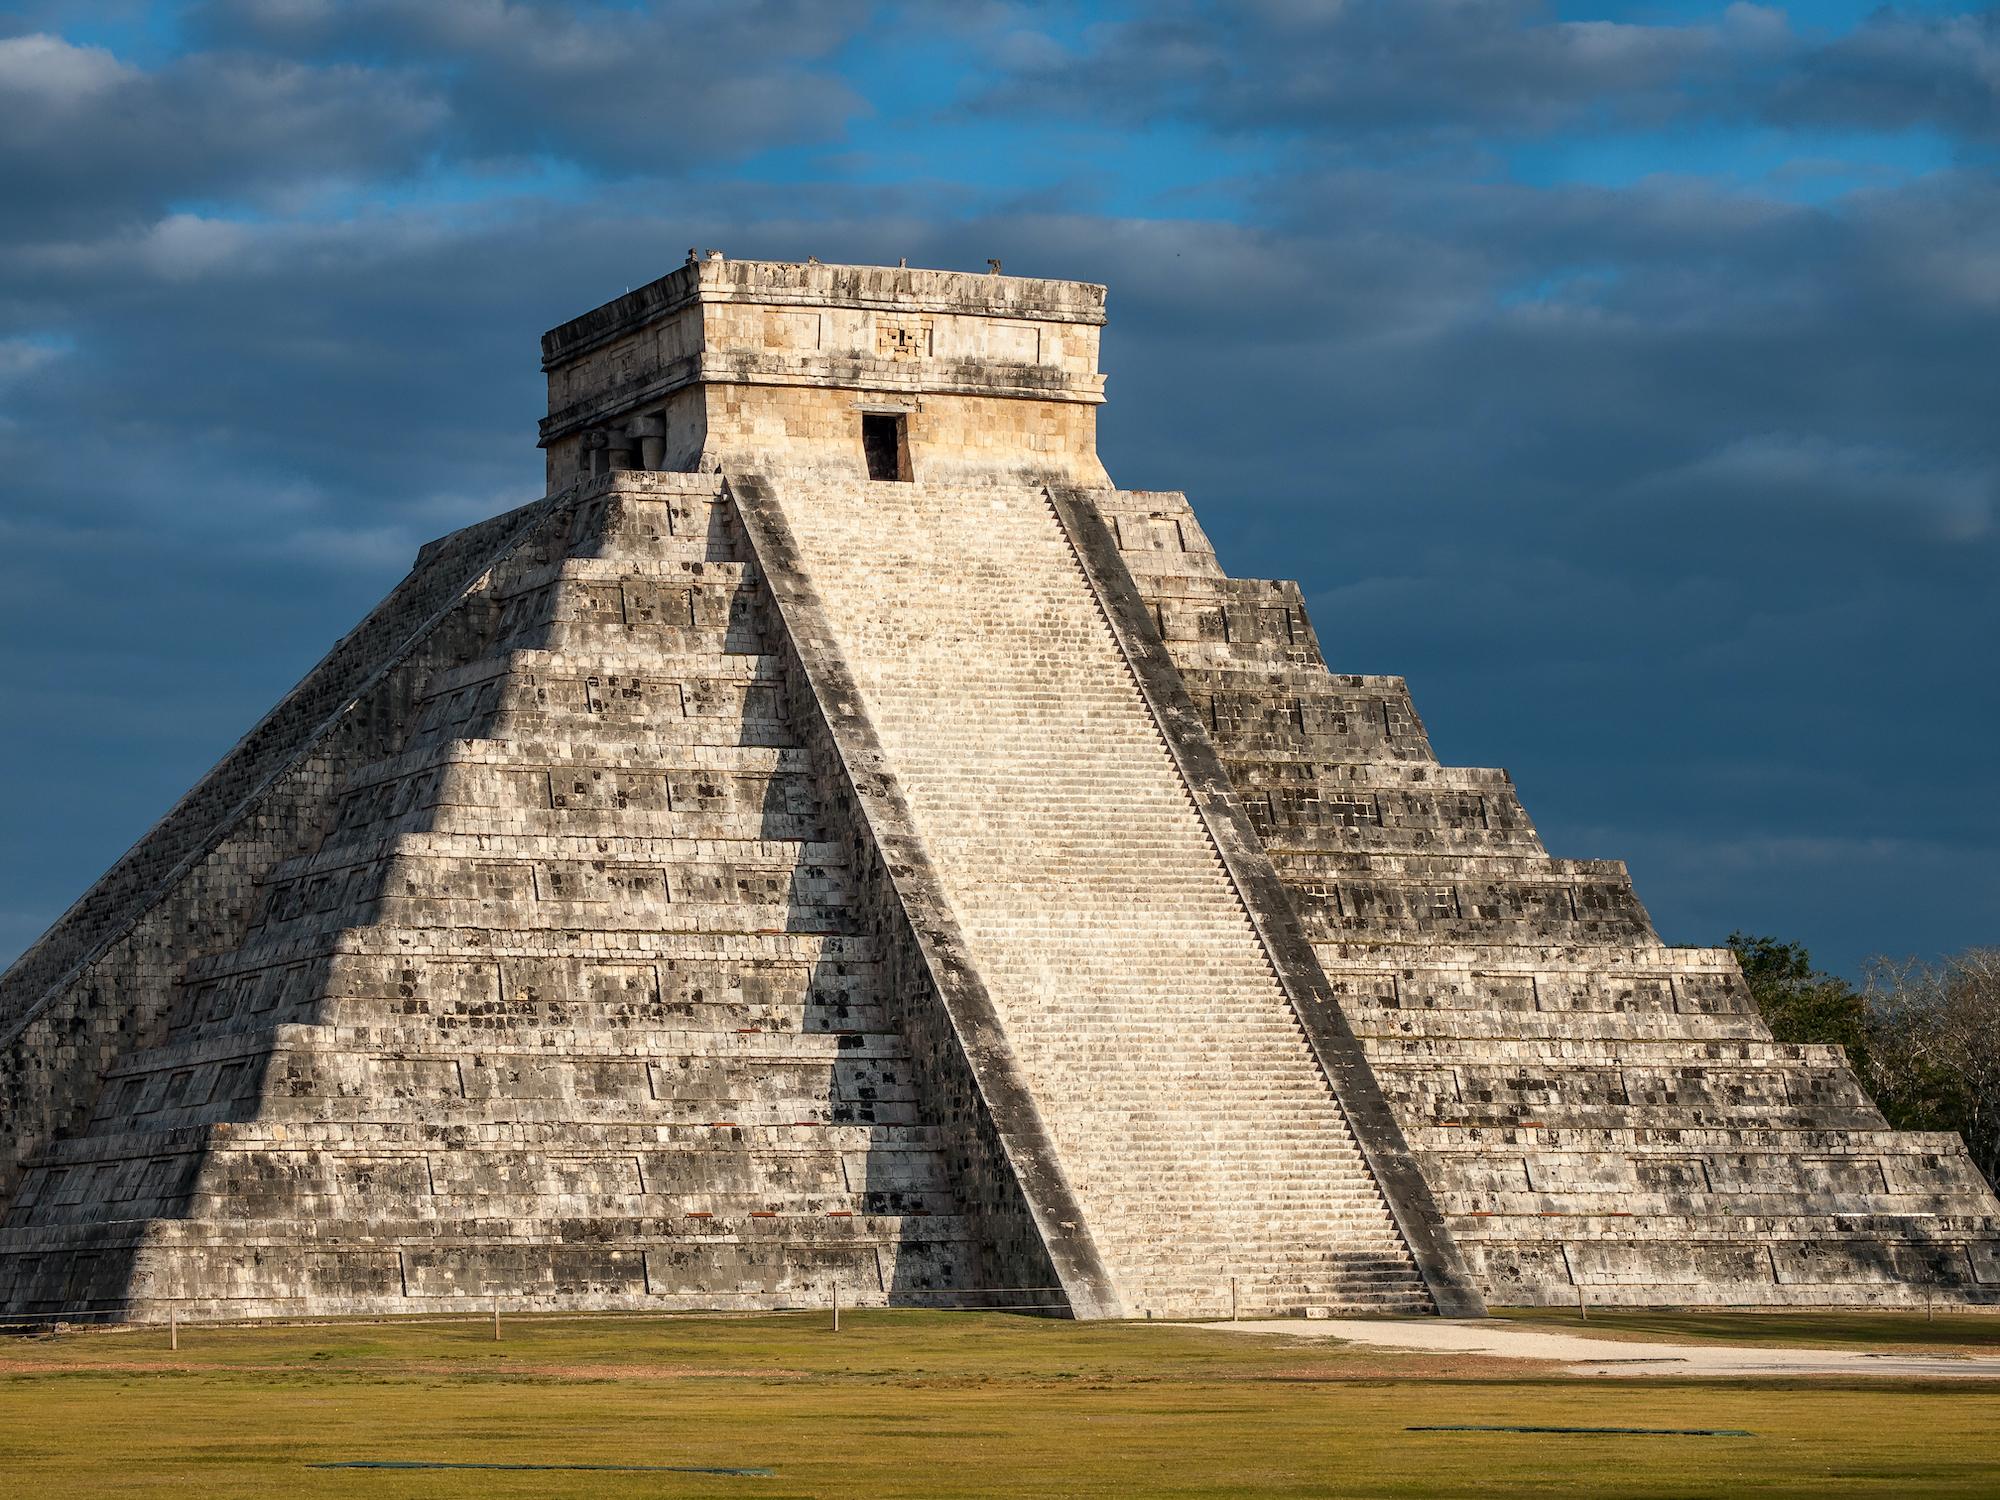 Chichen Itza, Mayan ruins, Mexico,